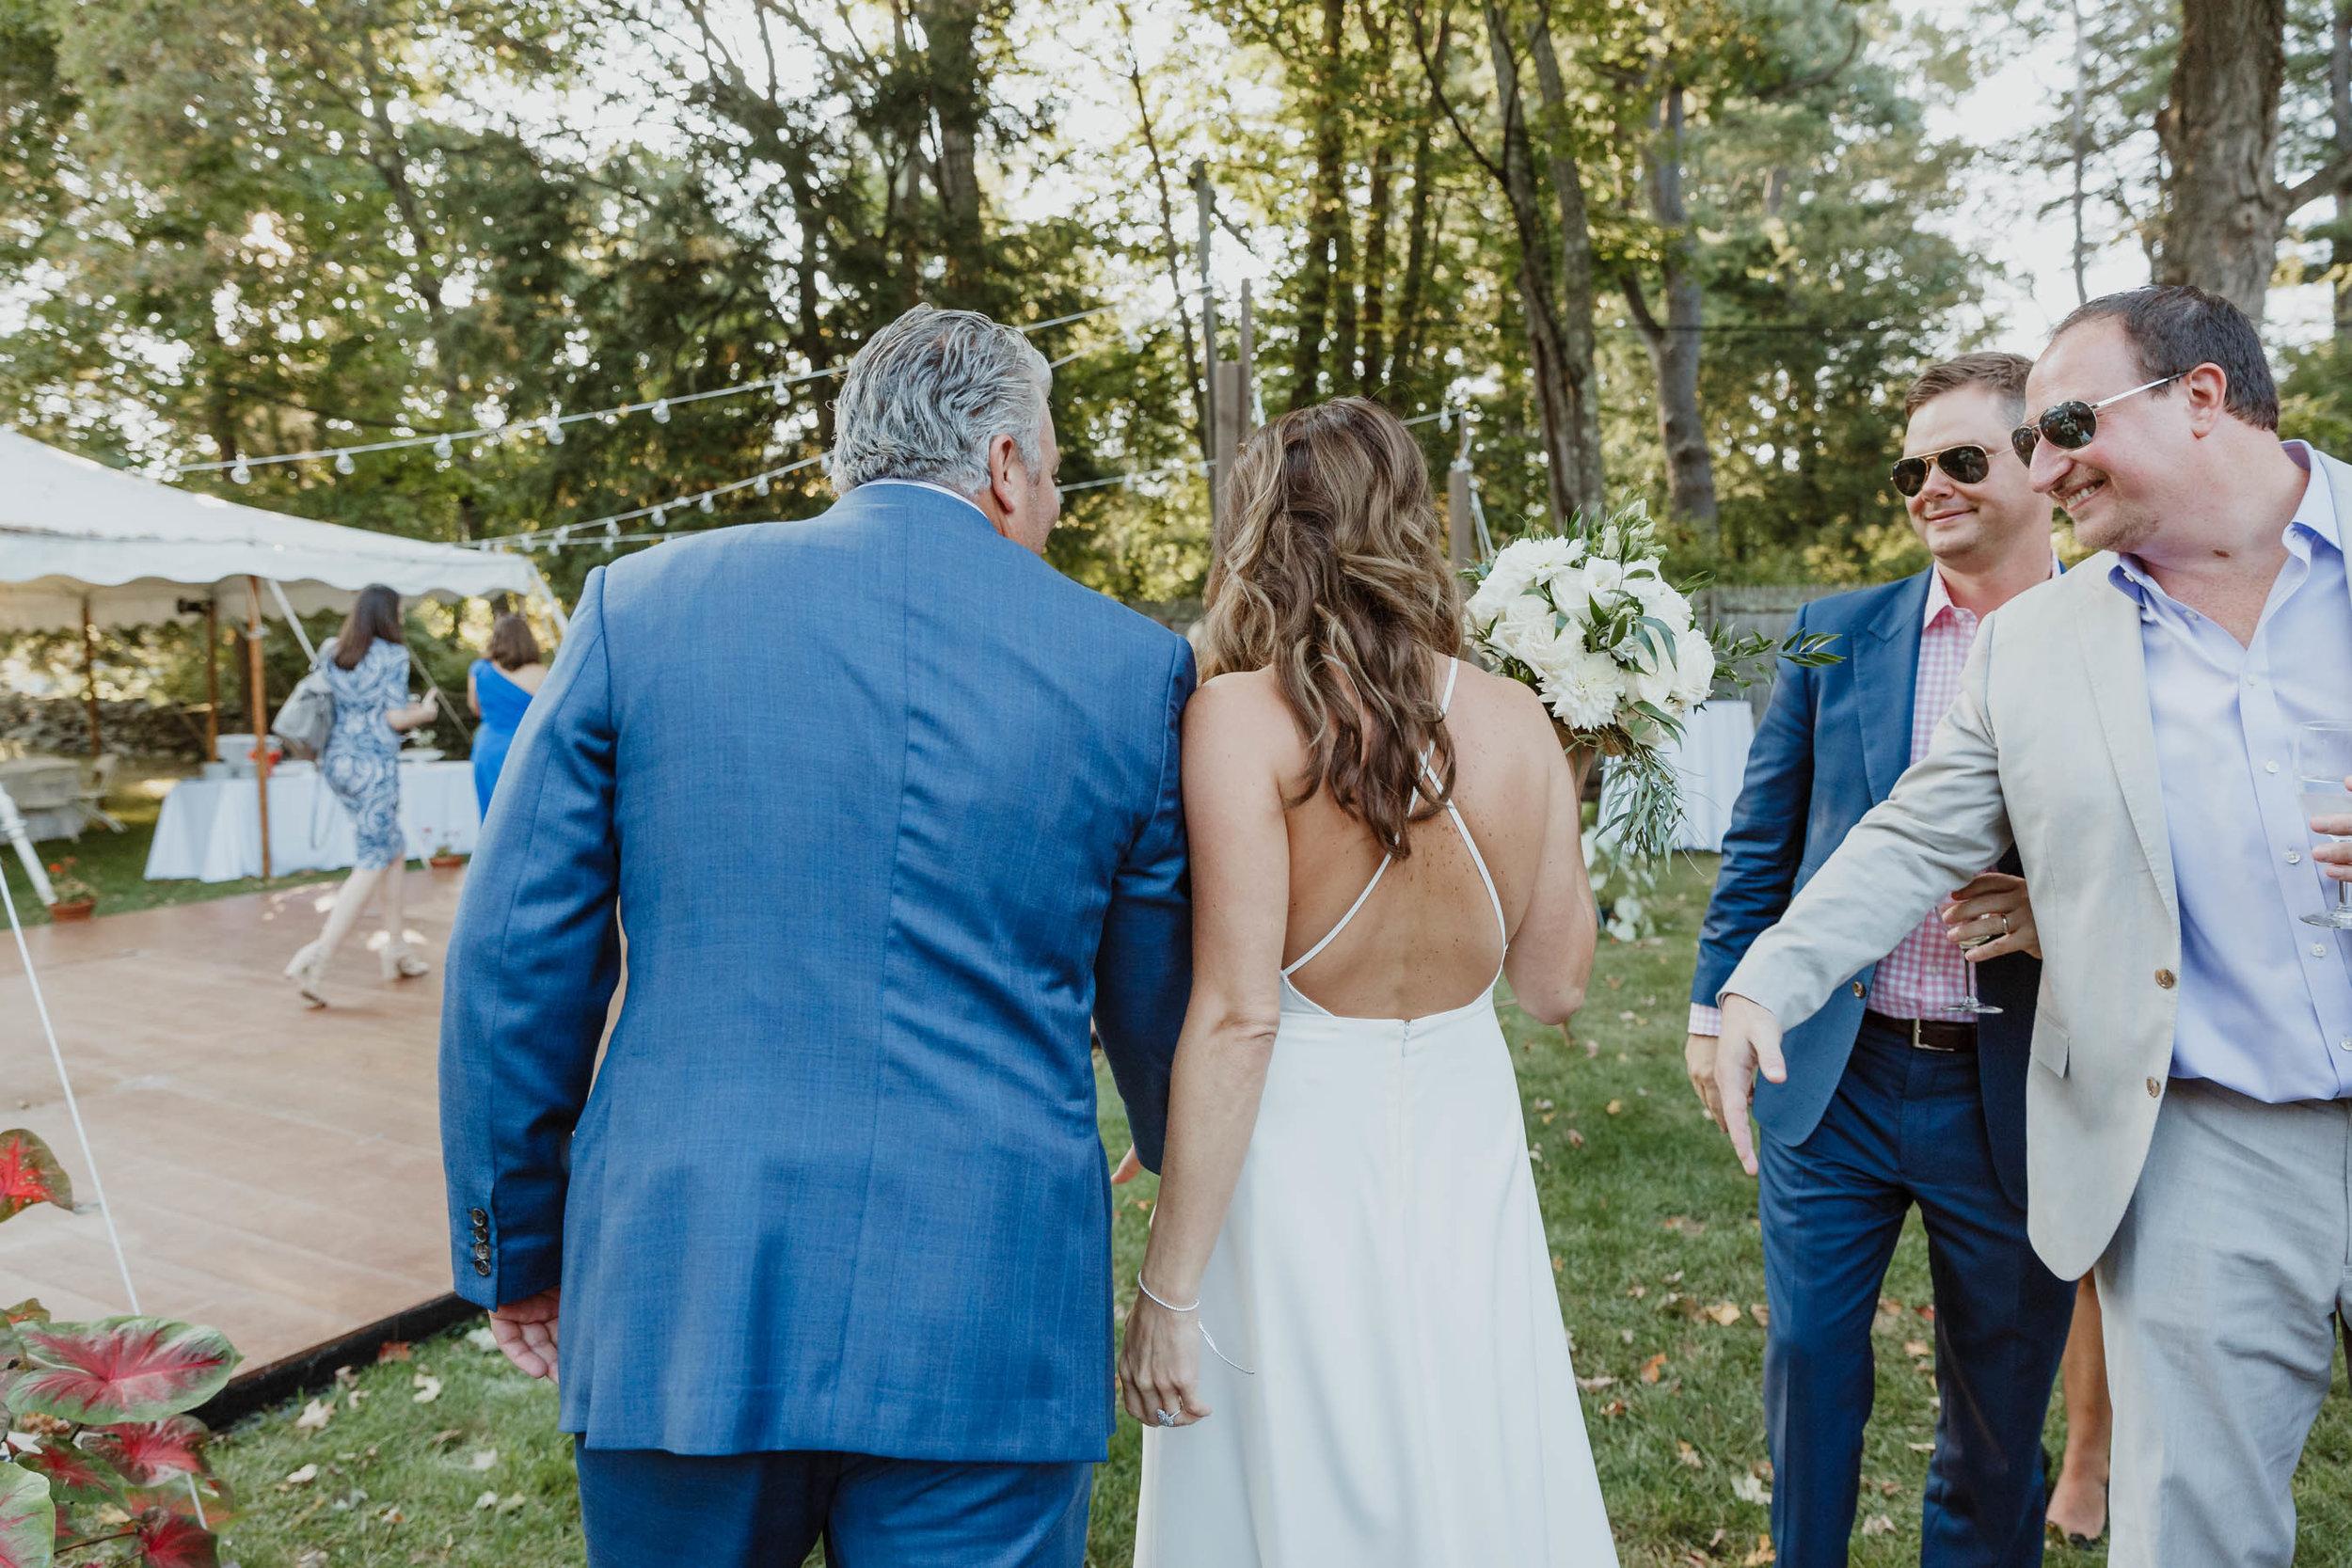 fairfield-county-connecticut-backyard-wedding-photographer--67.jpg